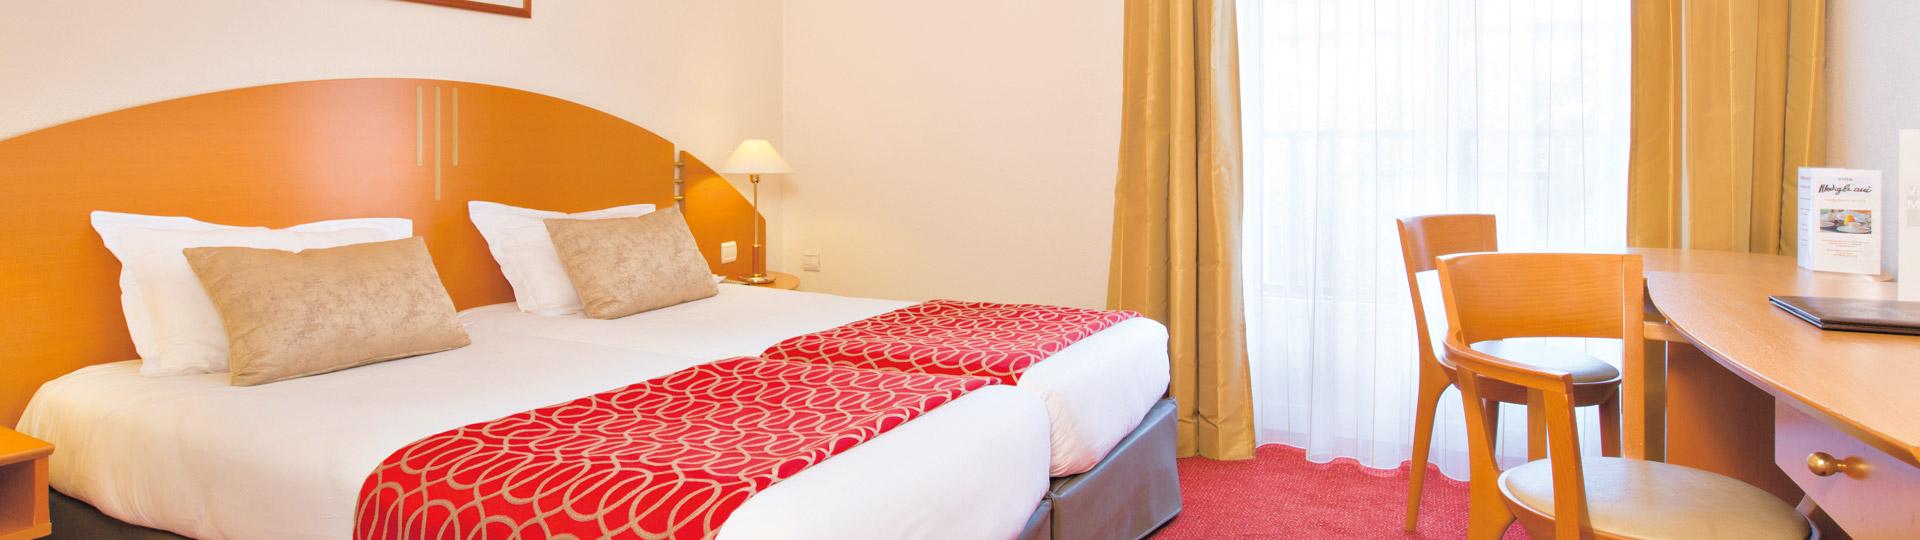 Chambre standard hôtel Paris